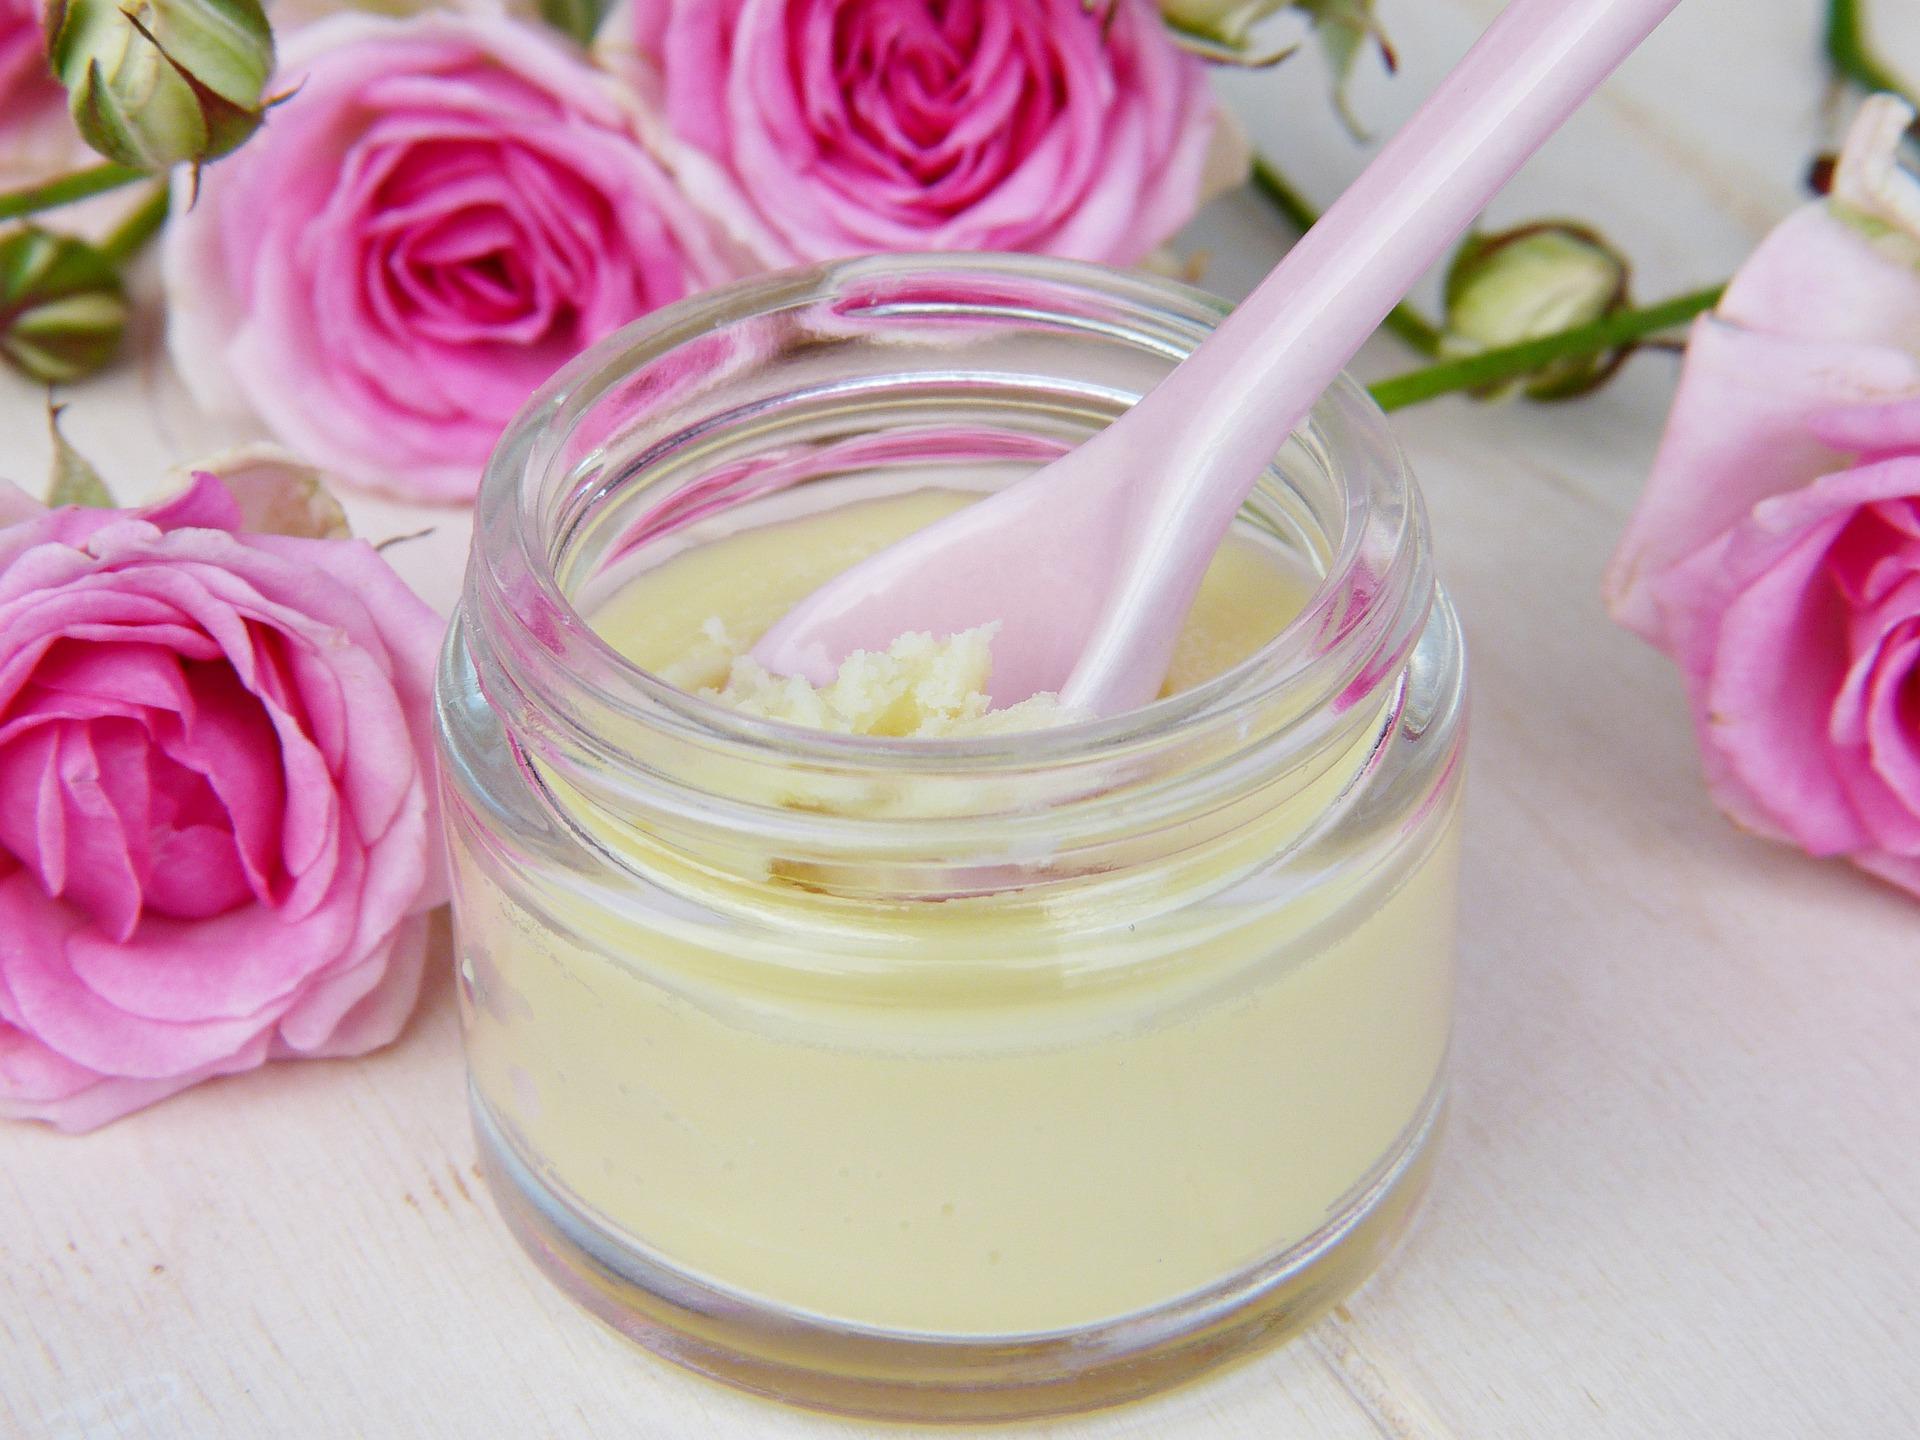 Faire ses cosmétiques naturels soi-même – 14h